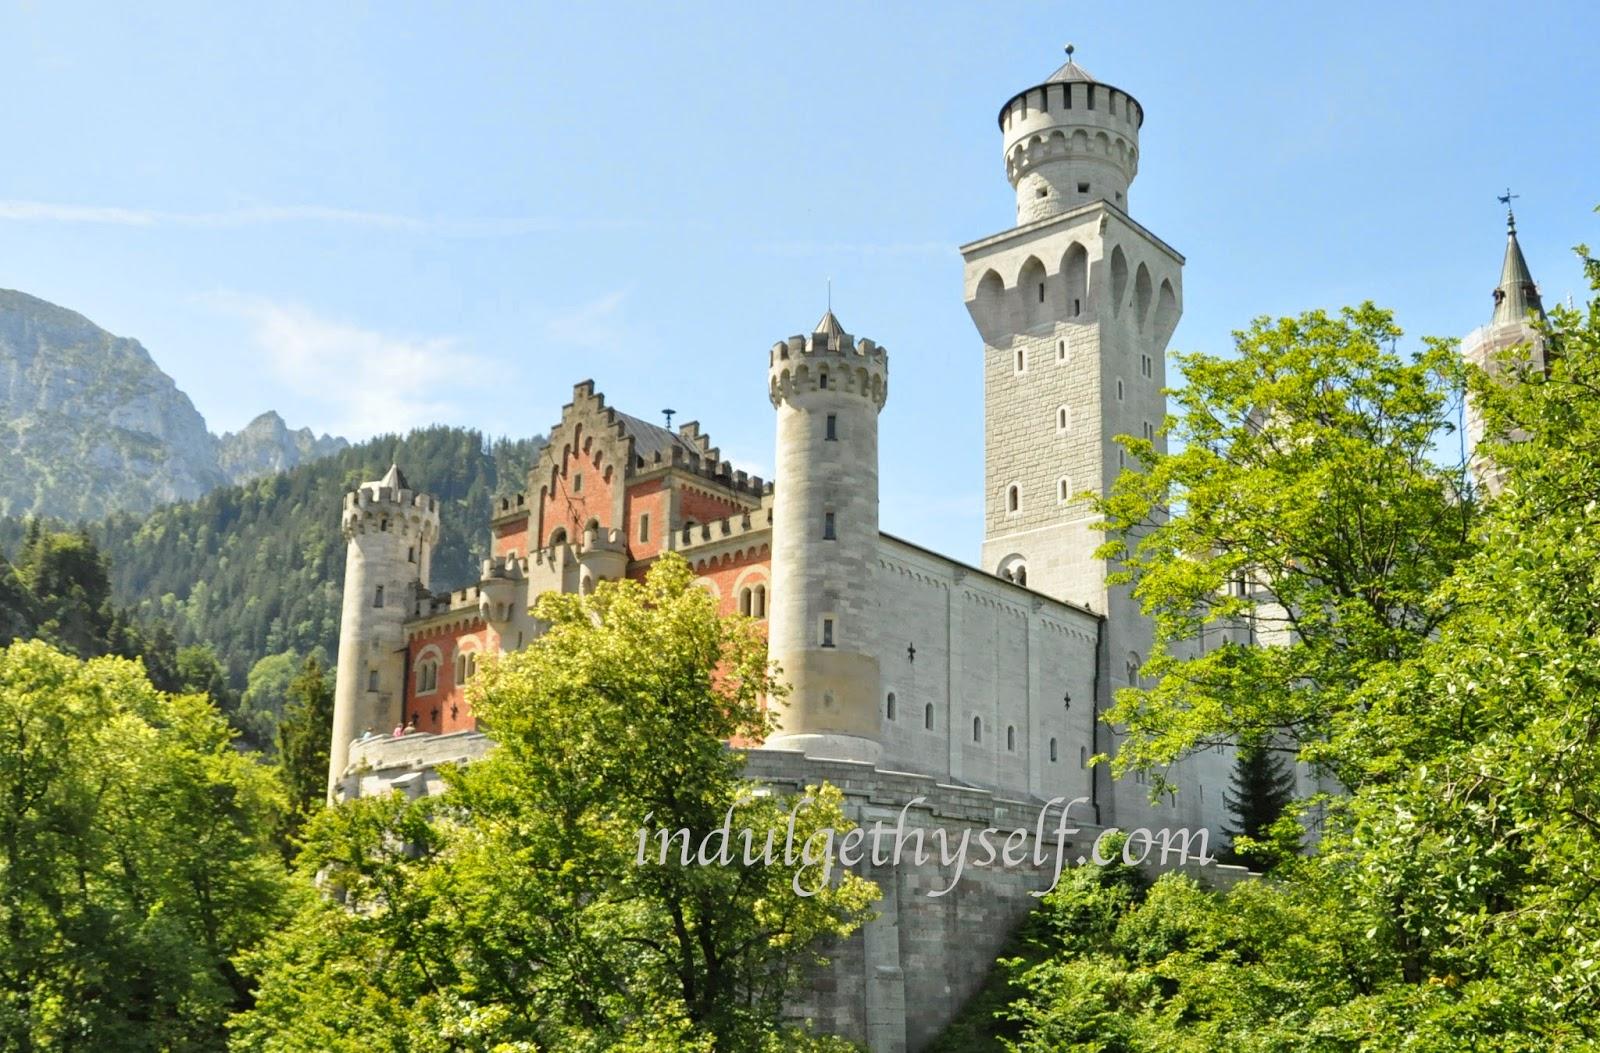 Neuschwanstein castle entrance gate facade